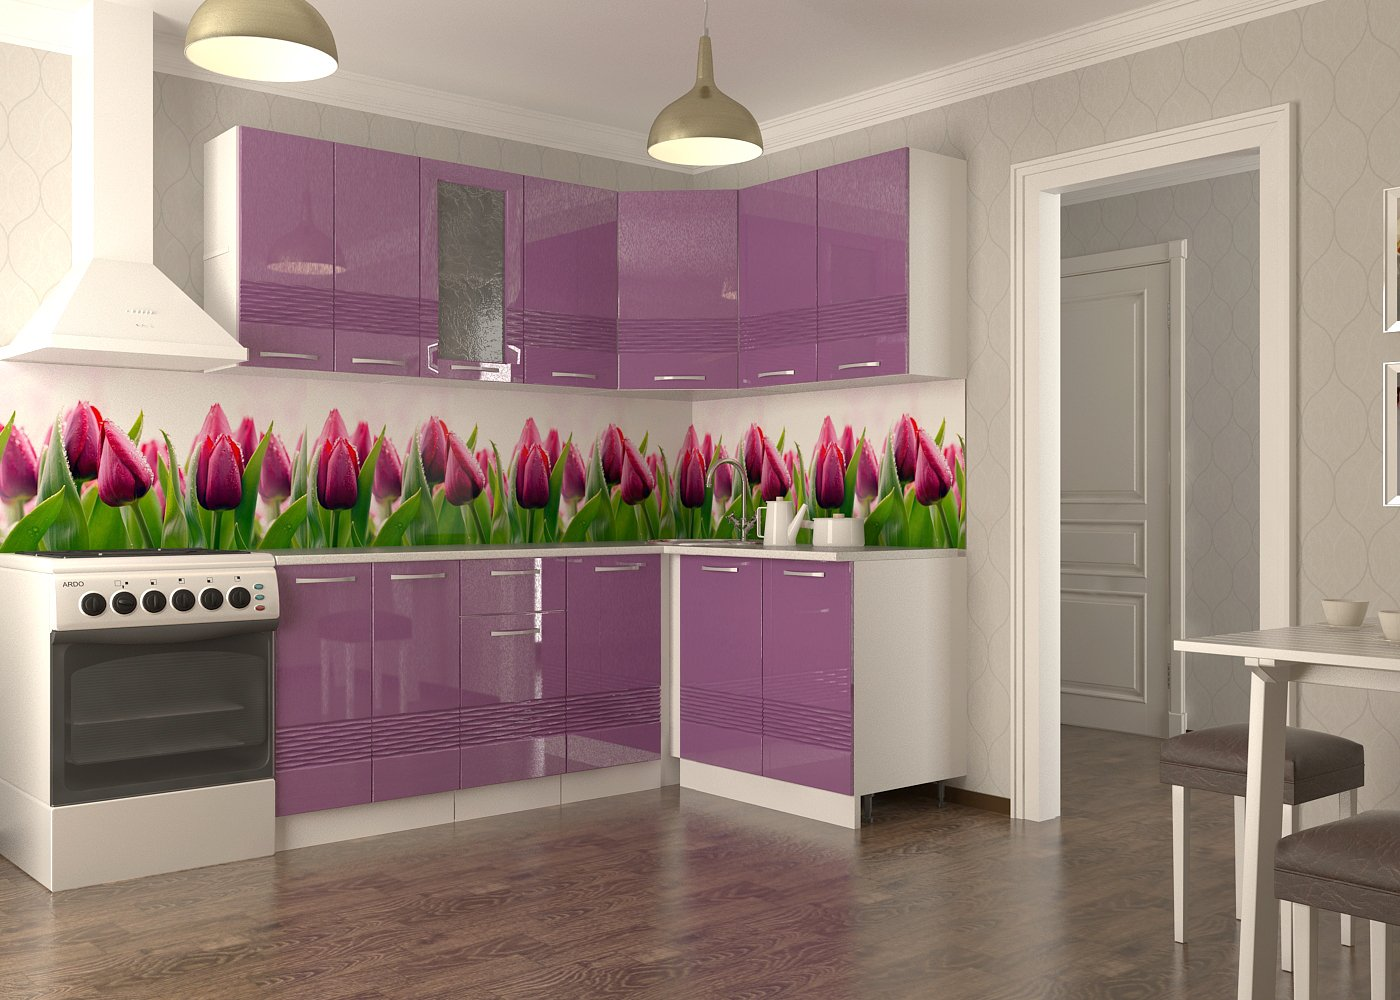 интересный дизайн кухни с тюльпанами фото вас